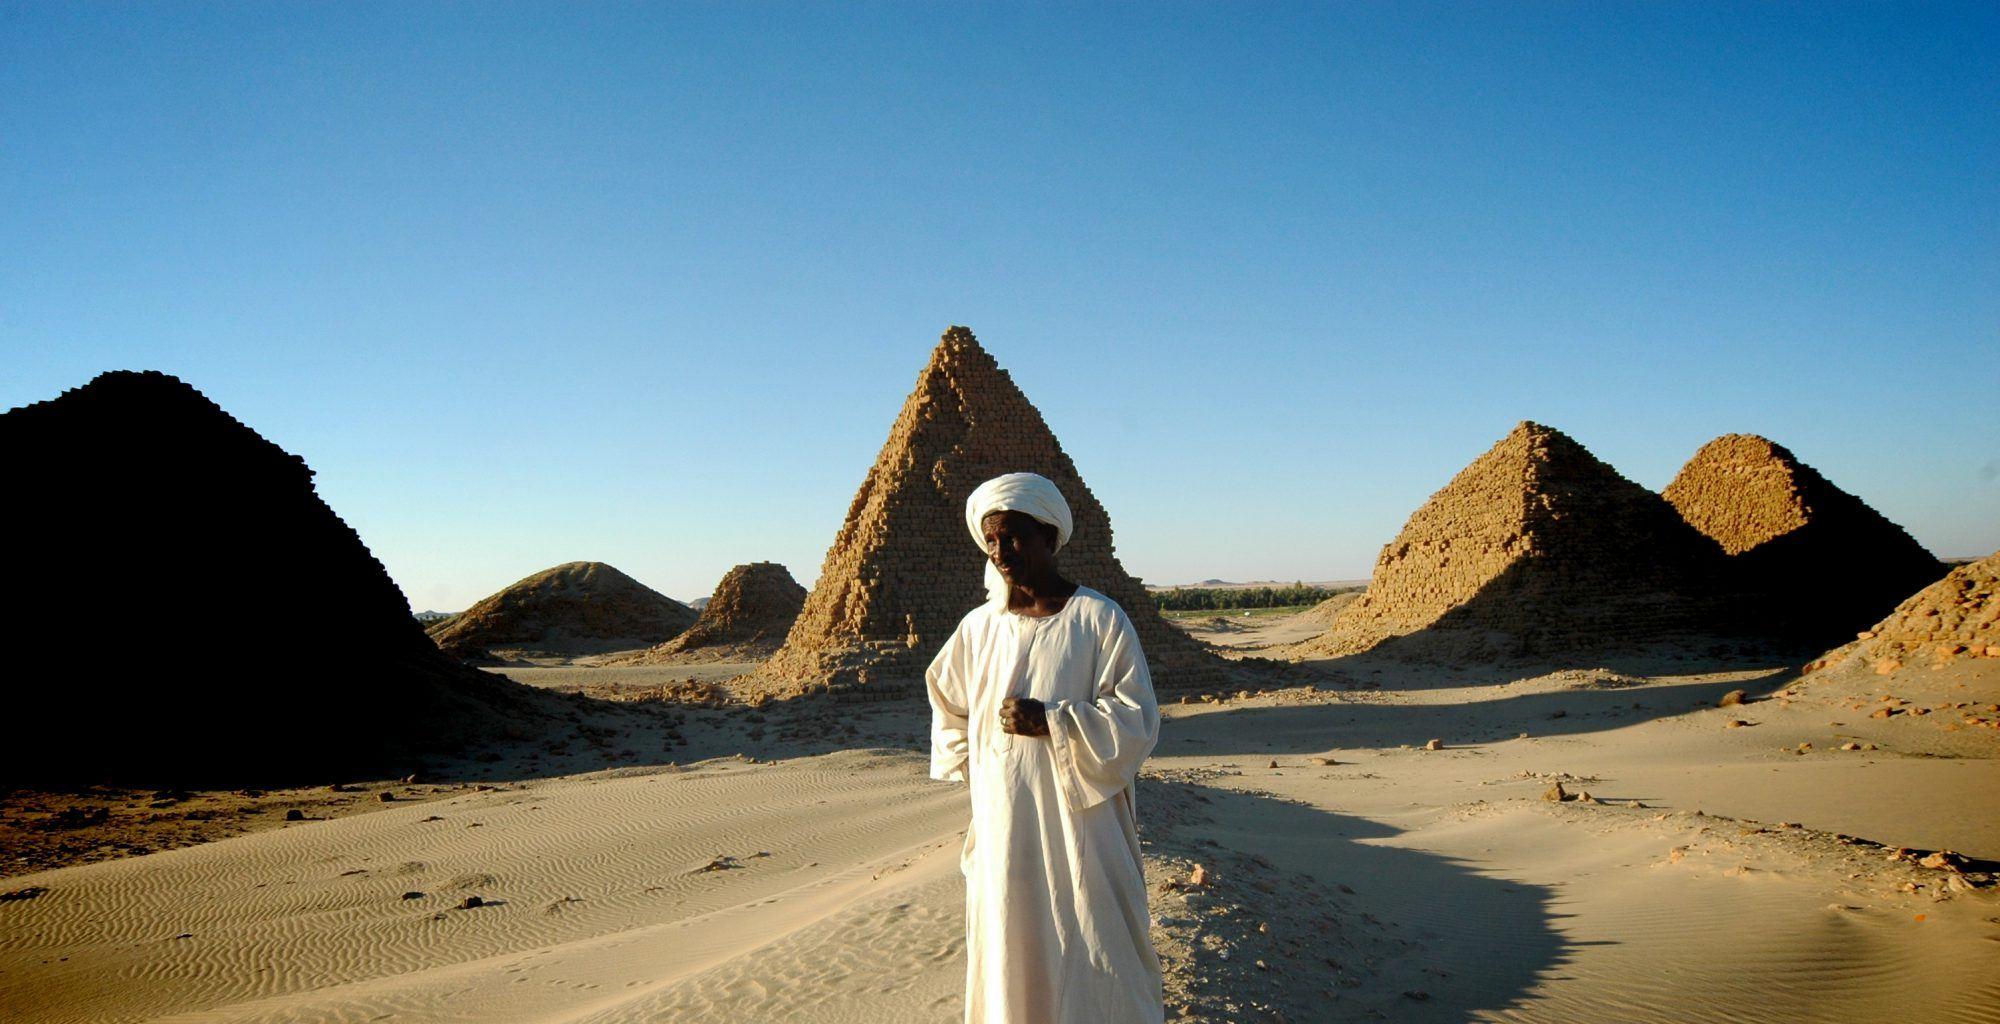 Sudan-Karima-Pyramids